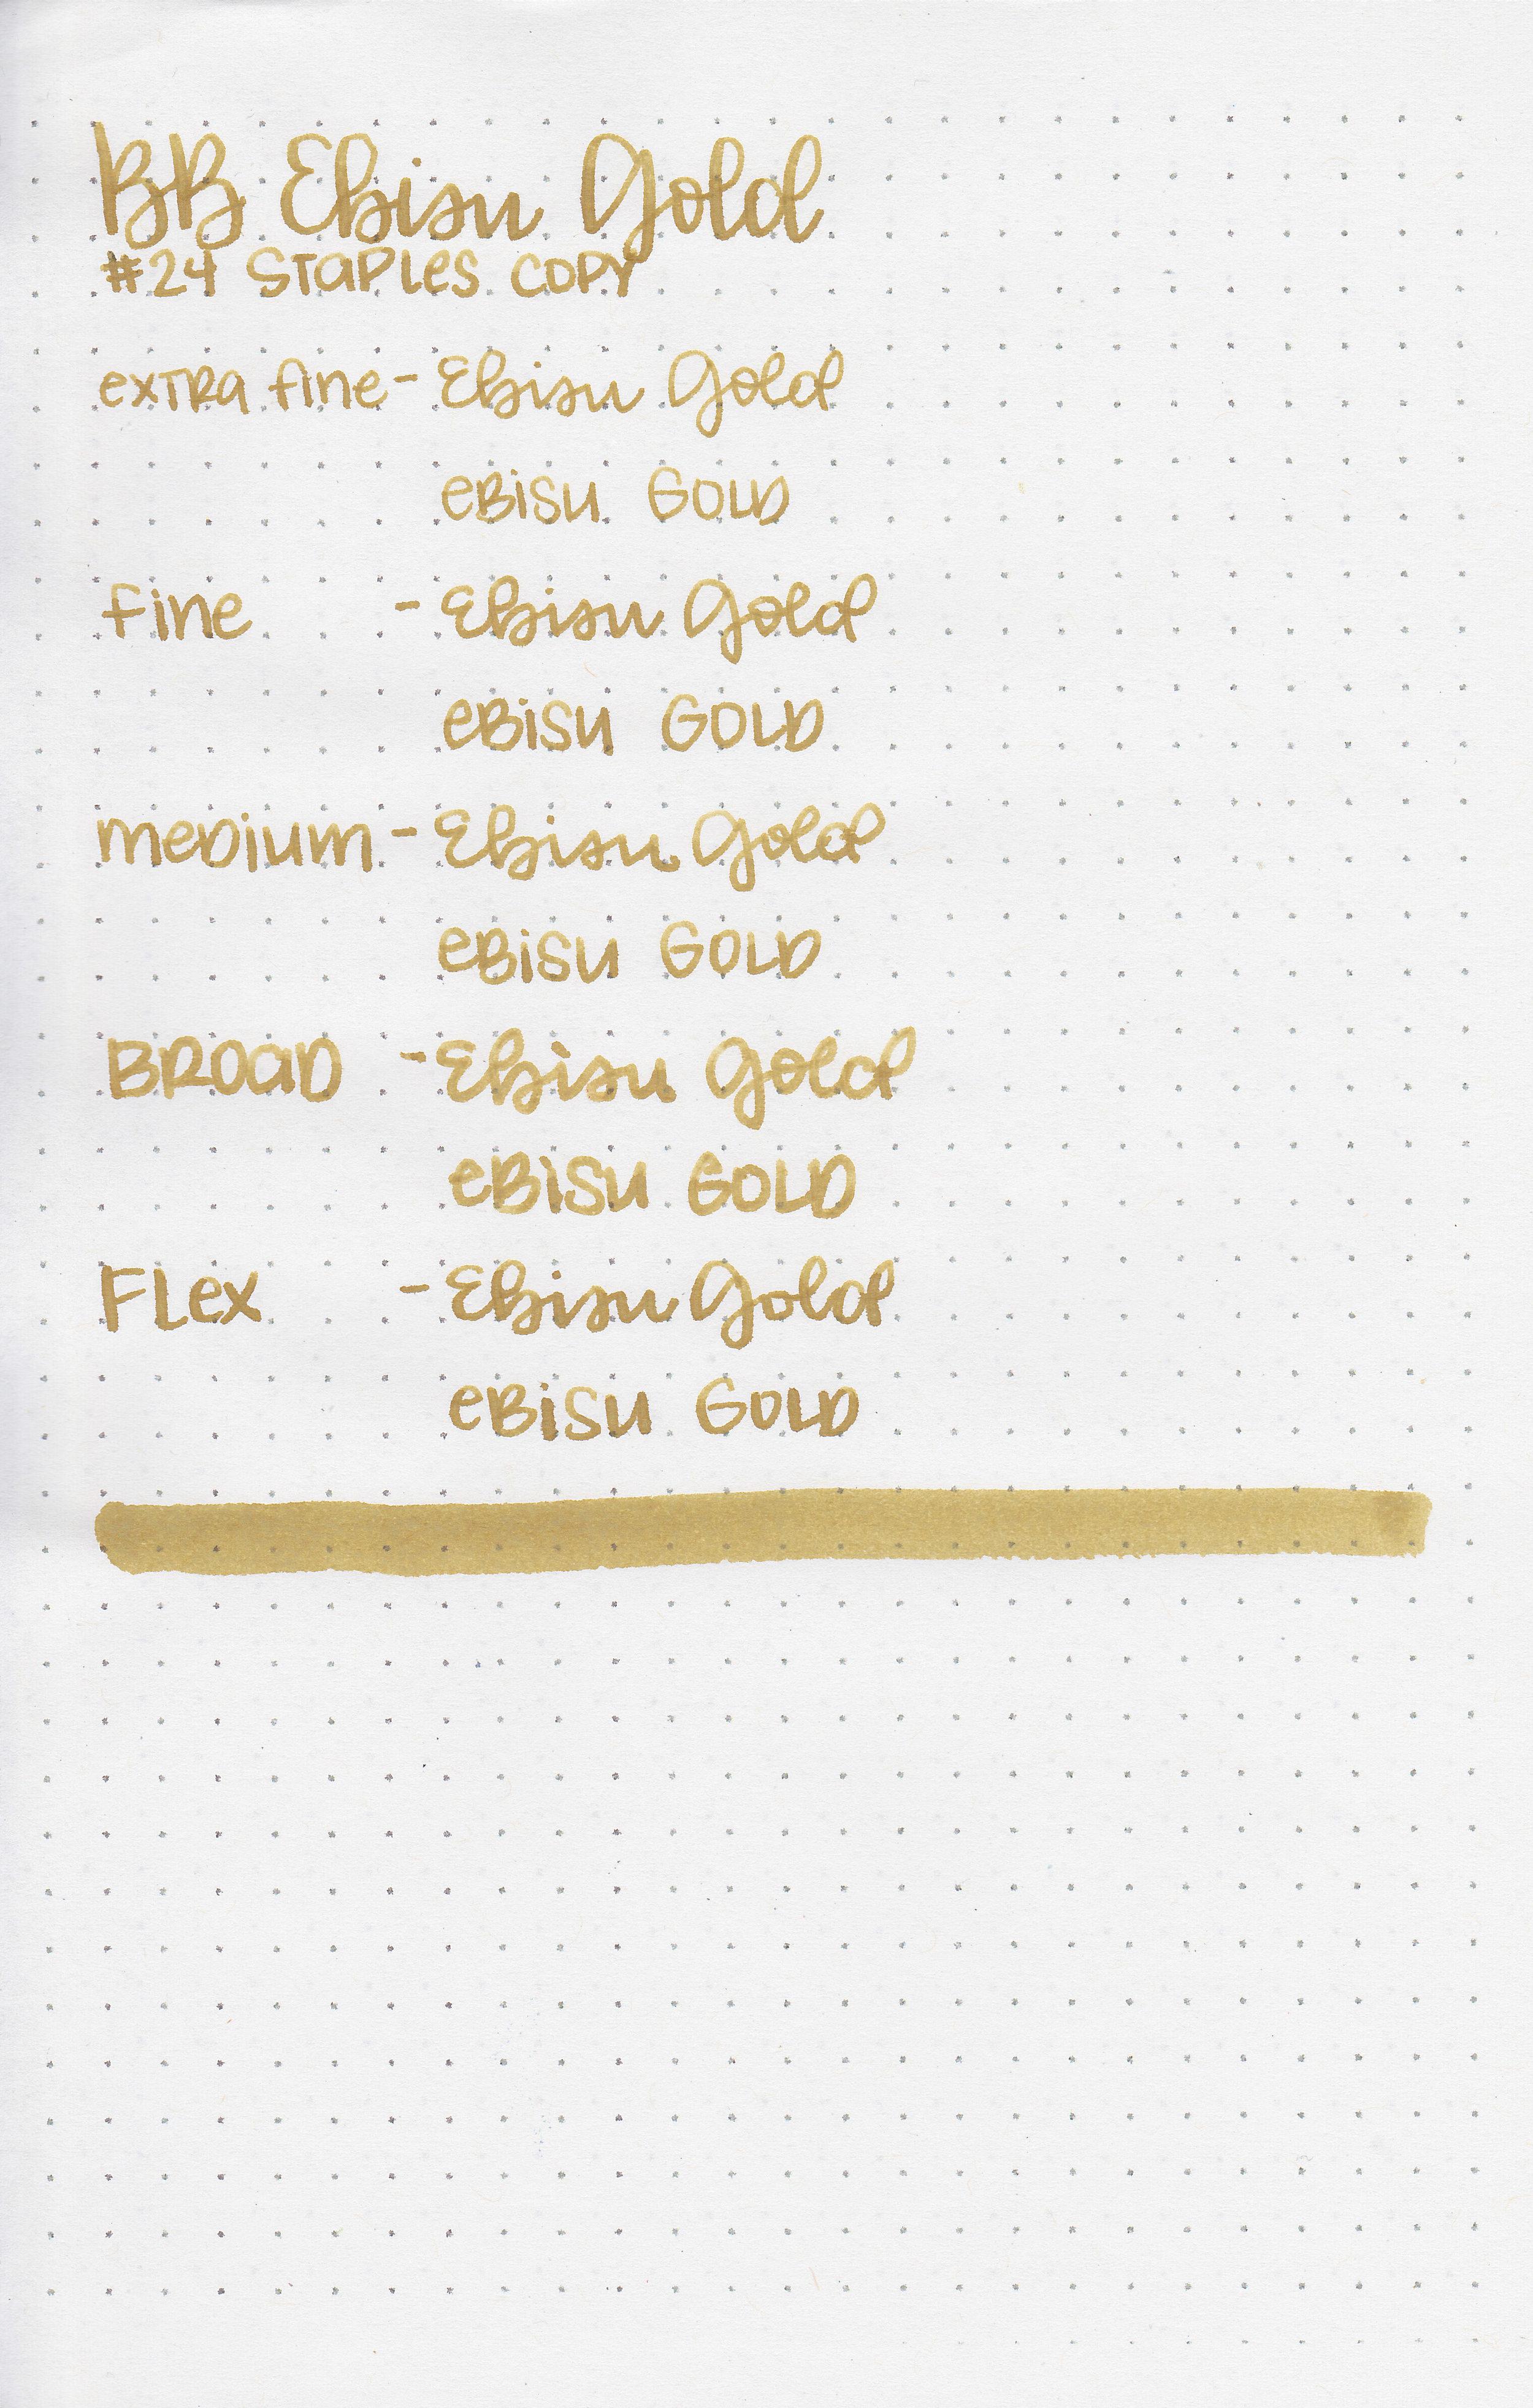 bb-ebisu-gold-11.jpg